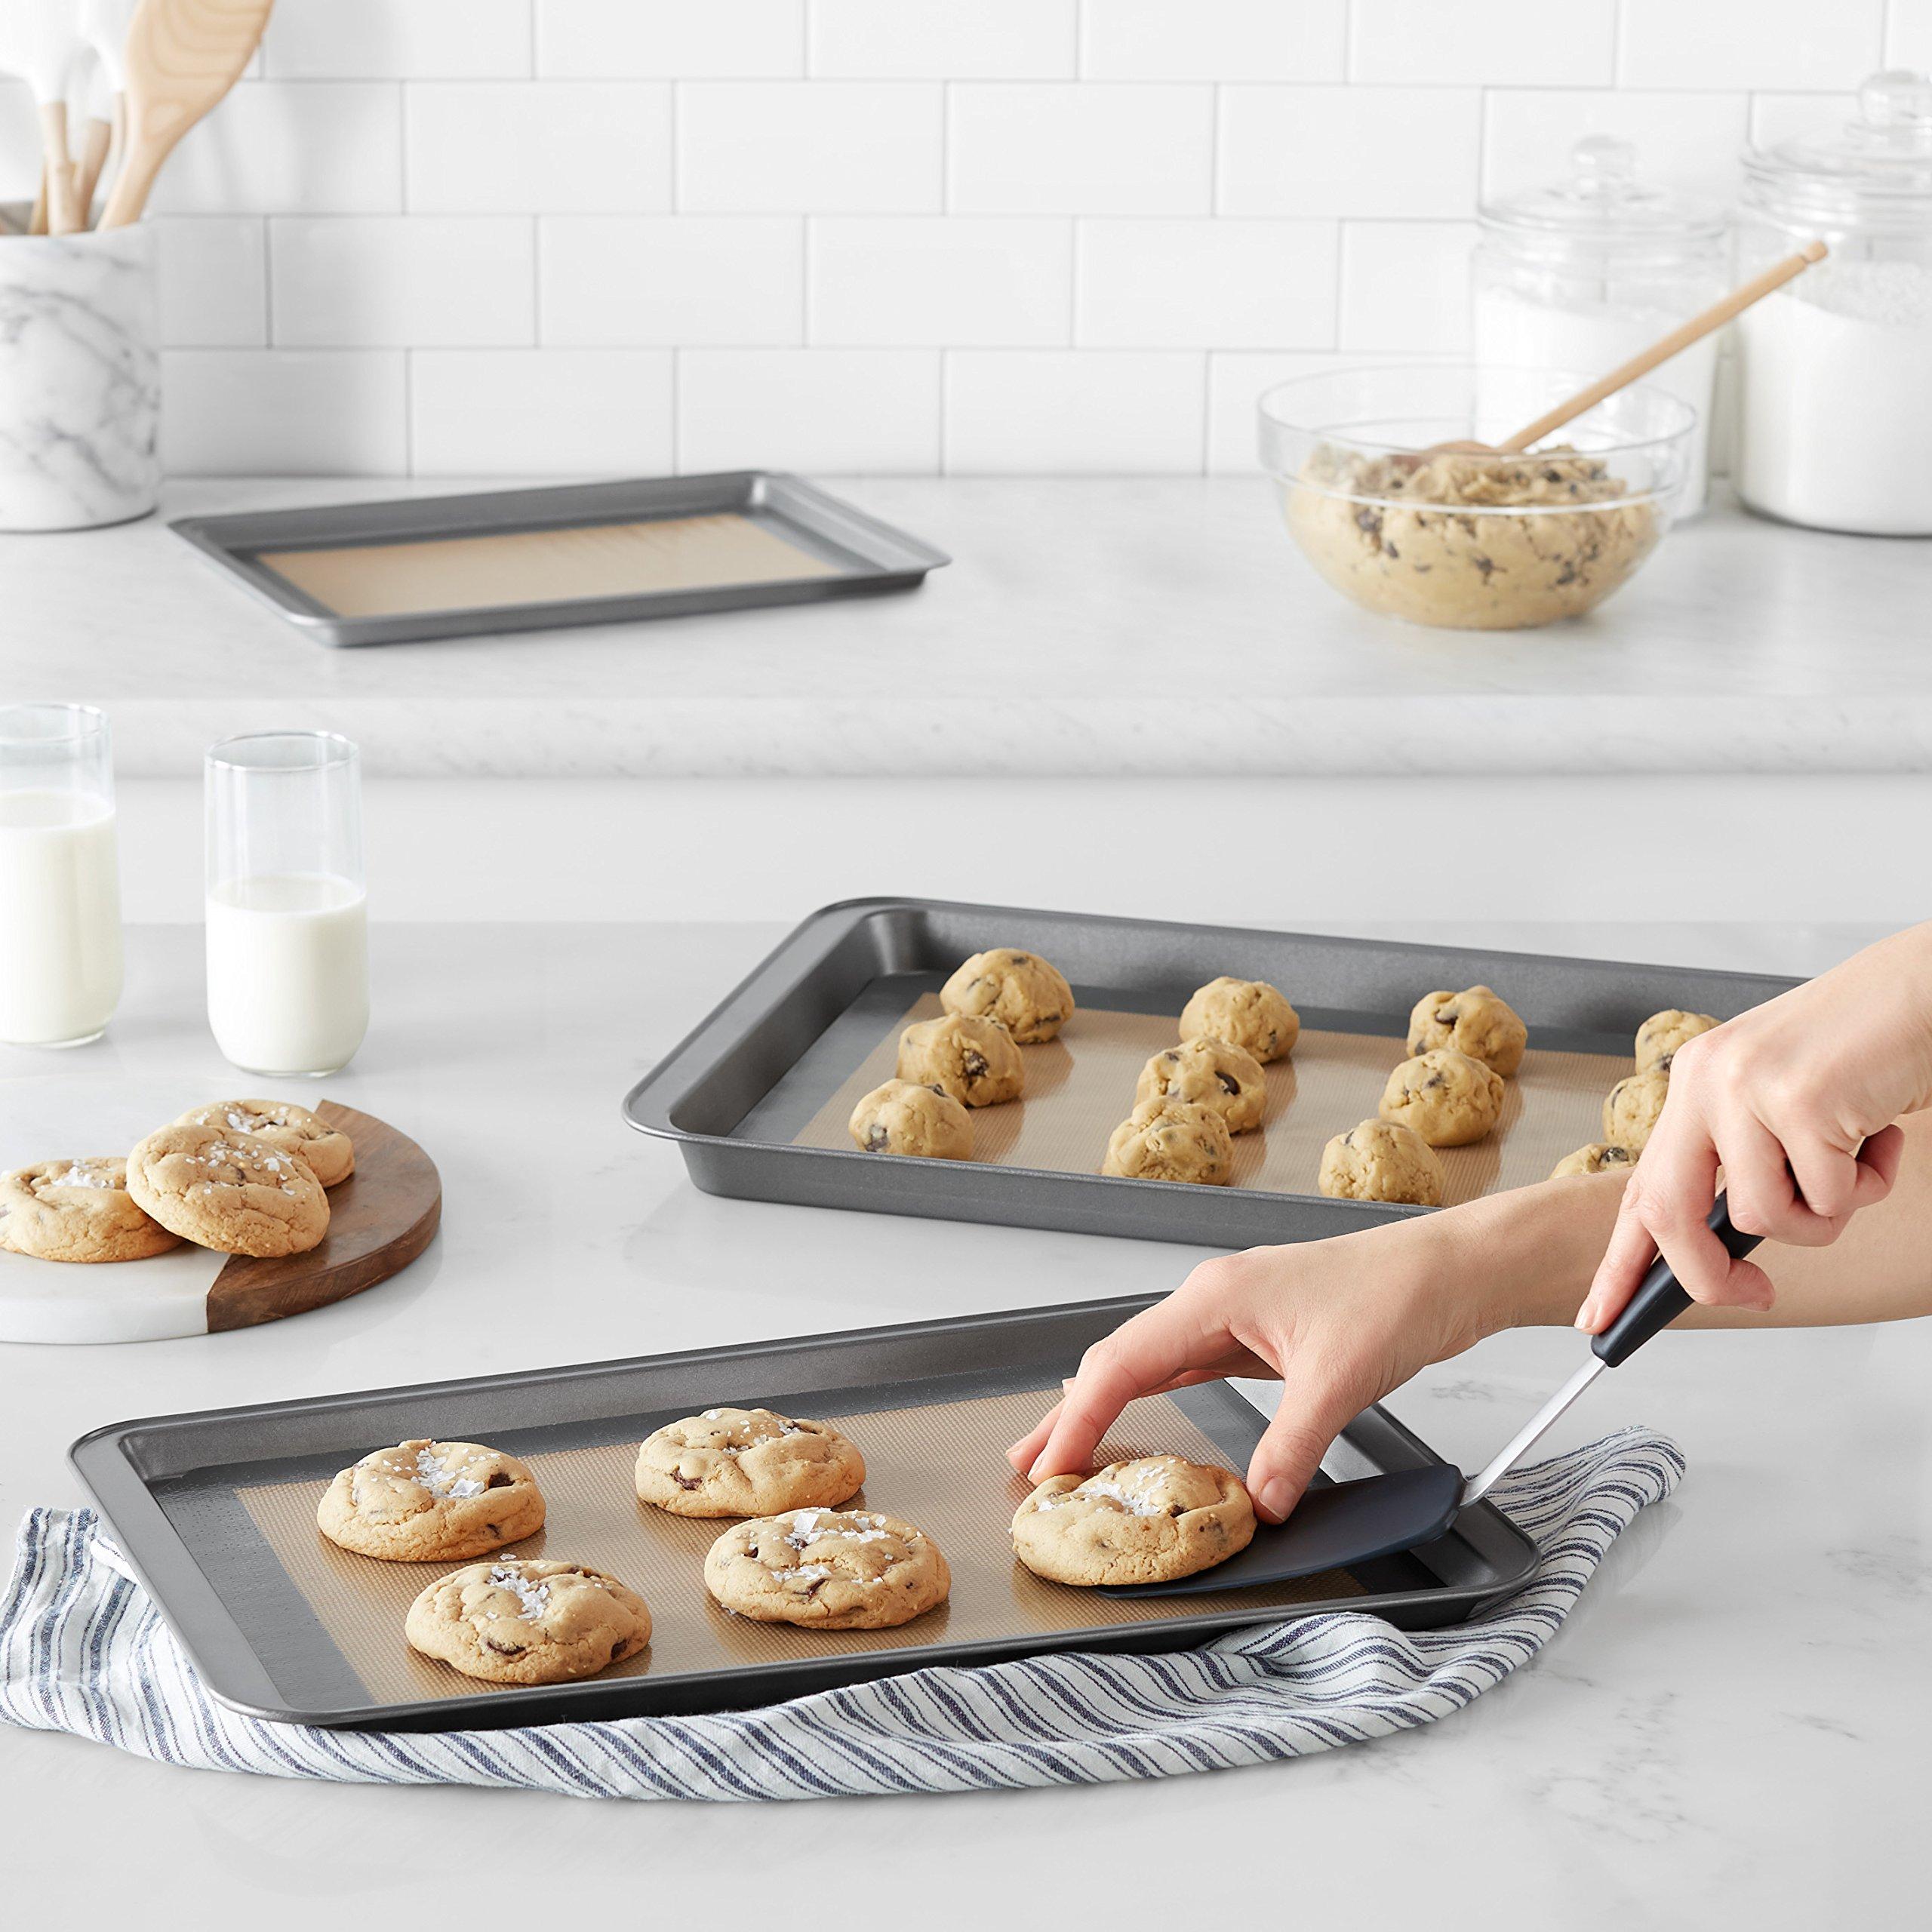 AmazonBasics Silicone Baking Mat - 3-Piece Set by AmazonBasics (Image #2)